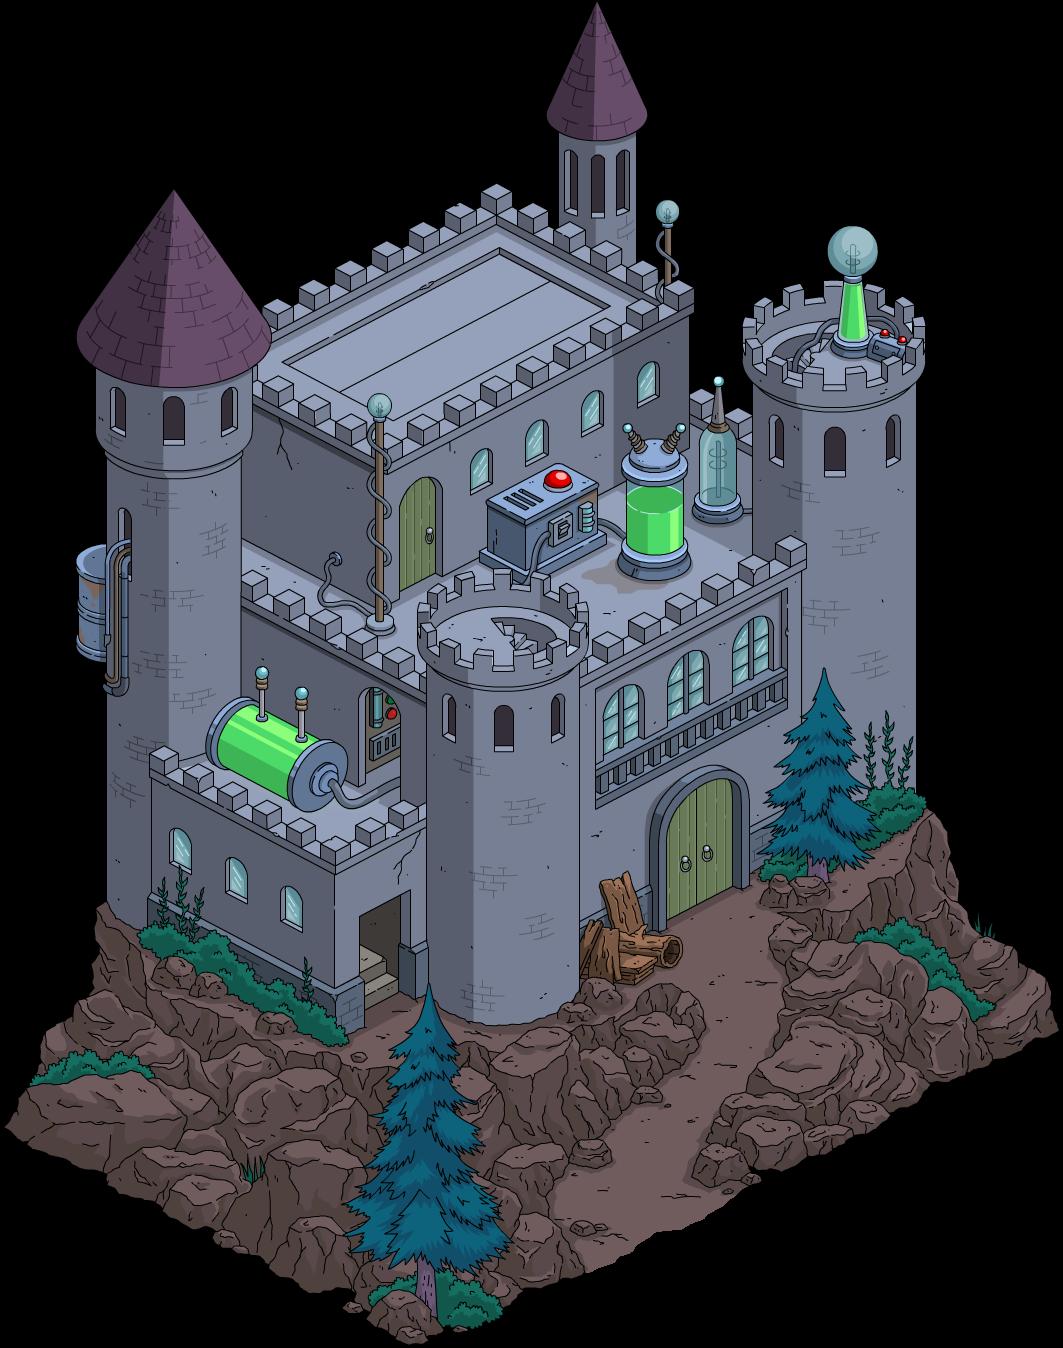 Monster's Castle